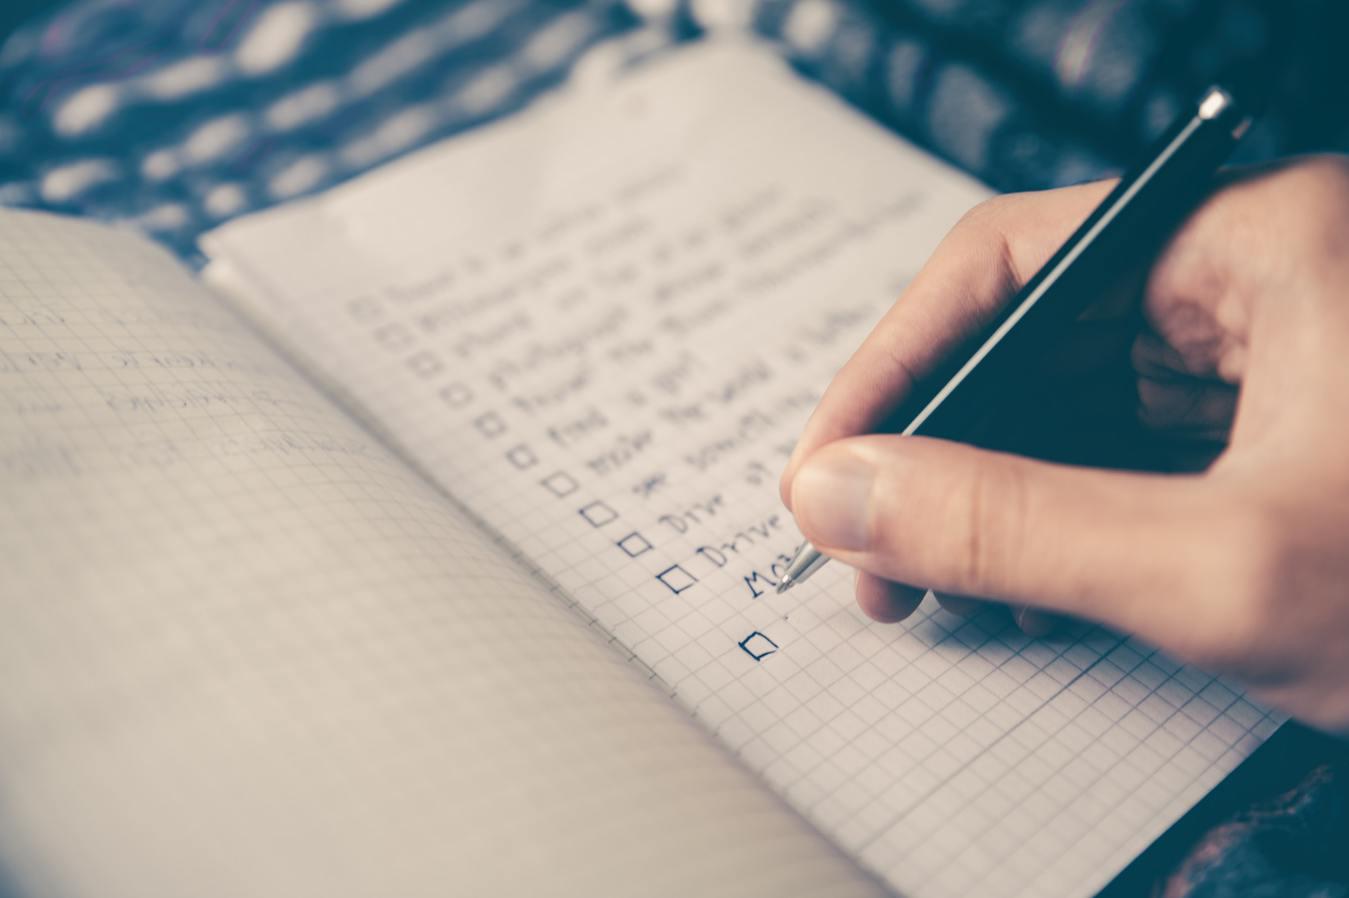 Osoba sporządzająca listę kontrolną w notatniku